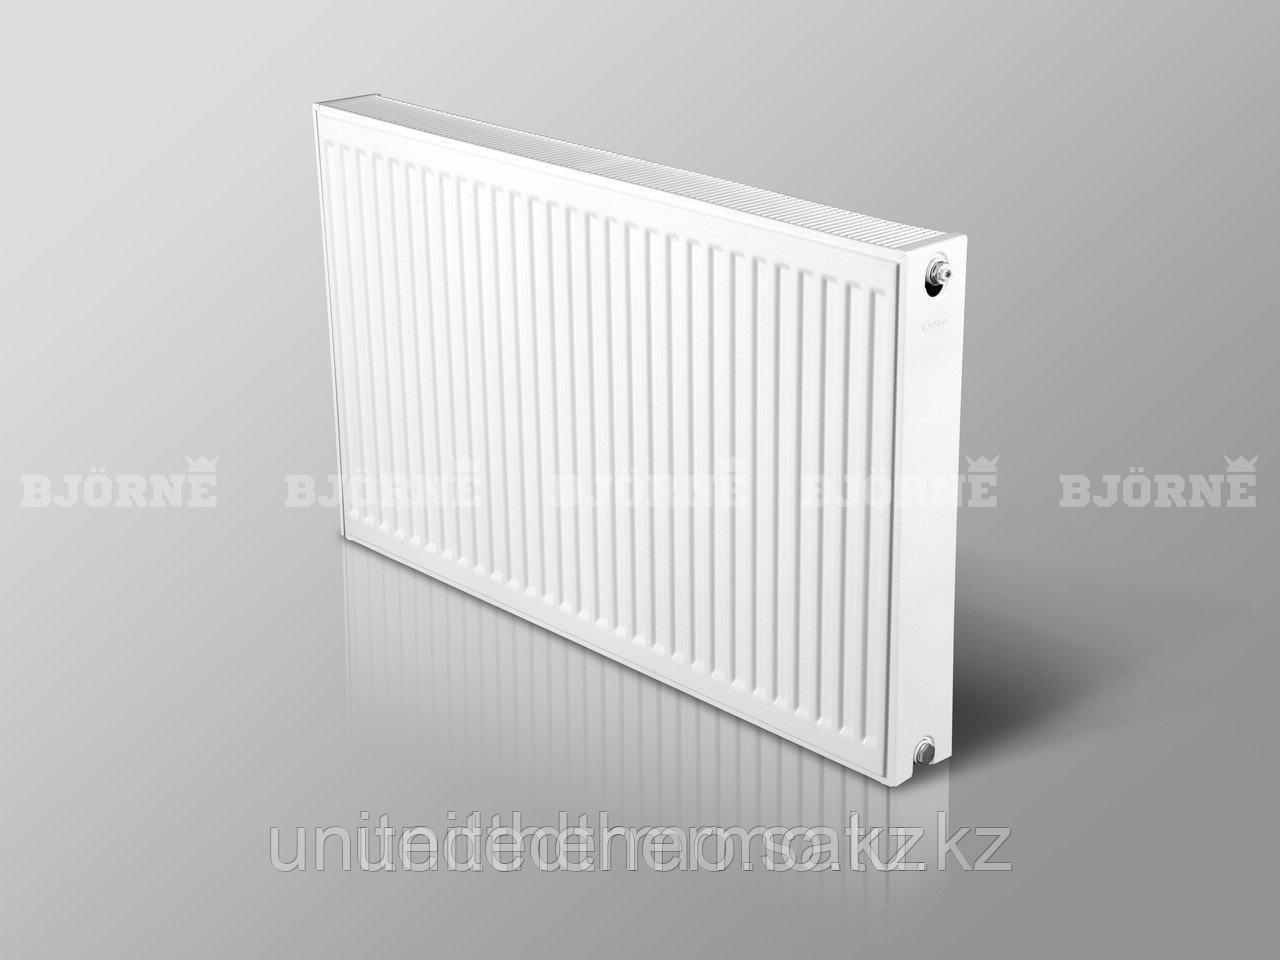 Стальной панельный радиатор Bjorne тип 22K H500мм*L1100мм боковое подключение